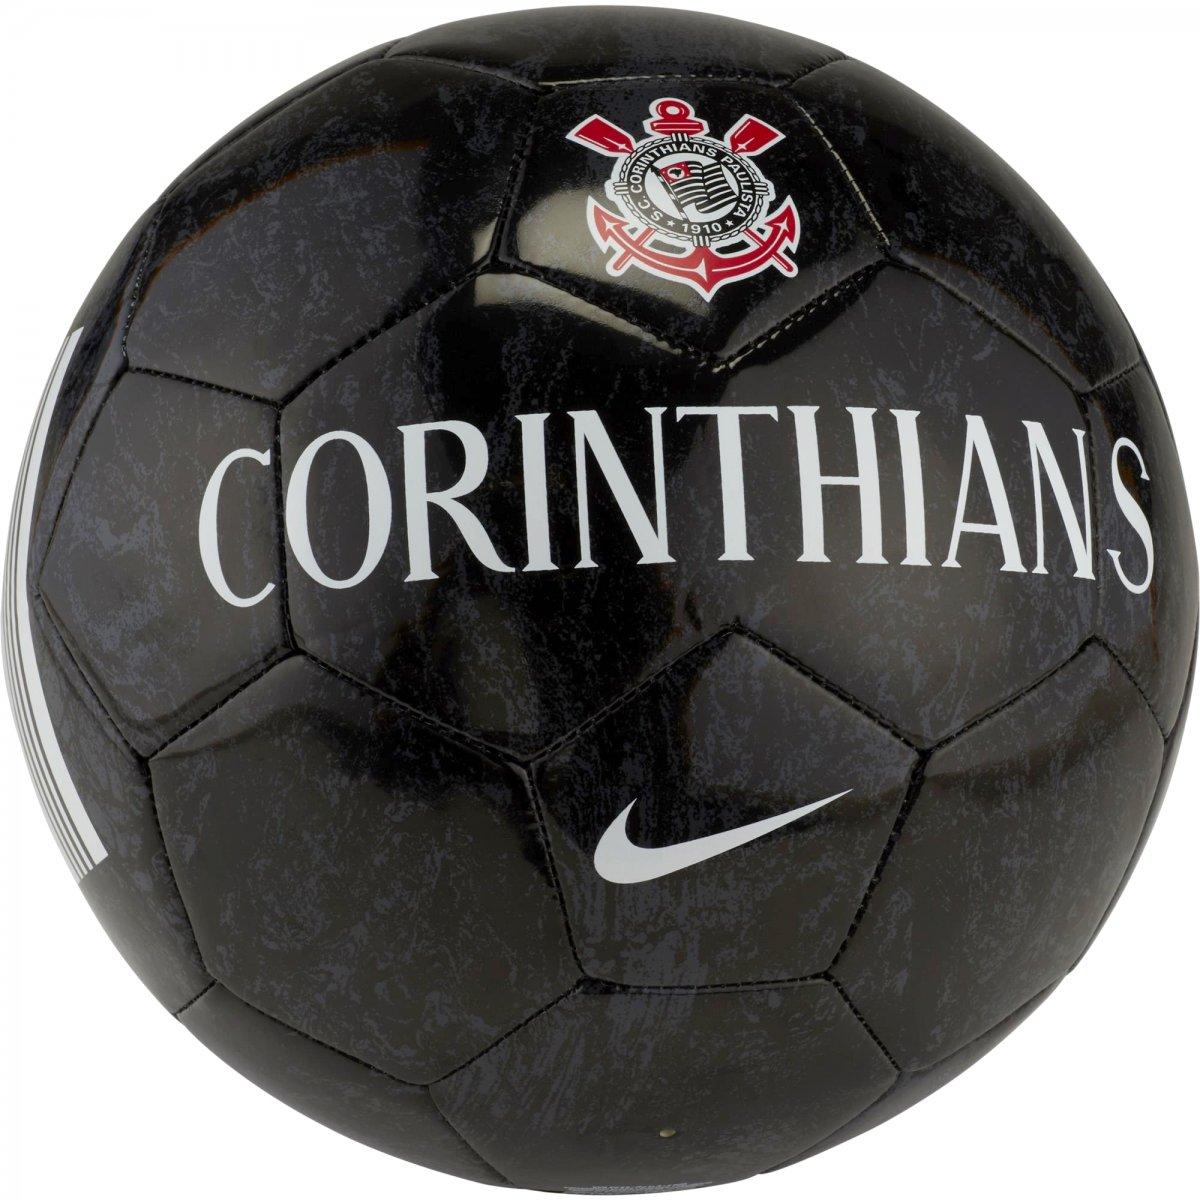 c67378bb5a Bola Campo Nike Corinthians Supporter SC3301-060 - Preto - Calçados ...